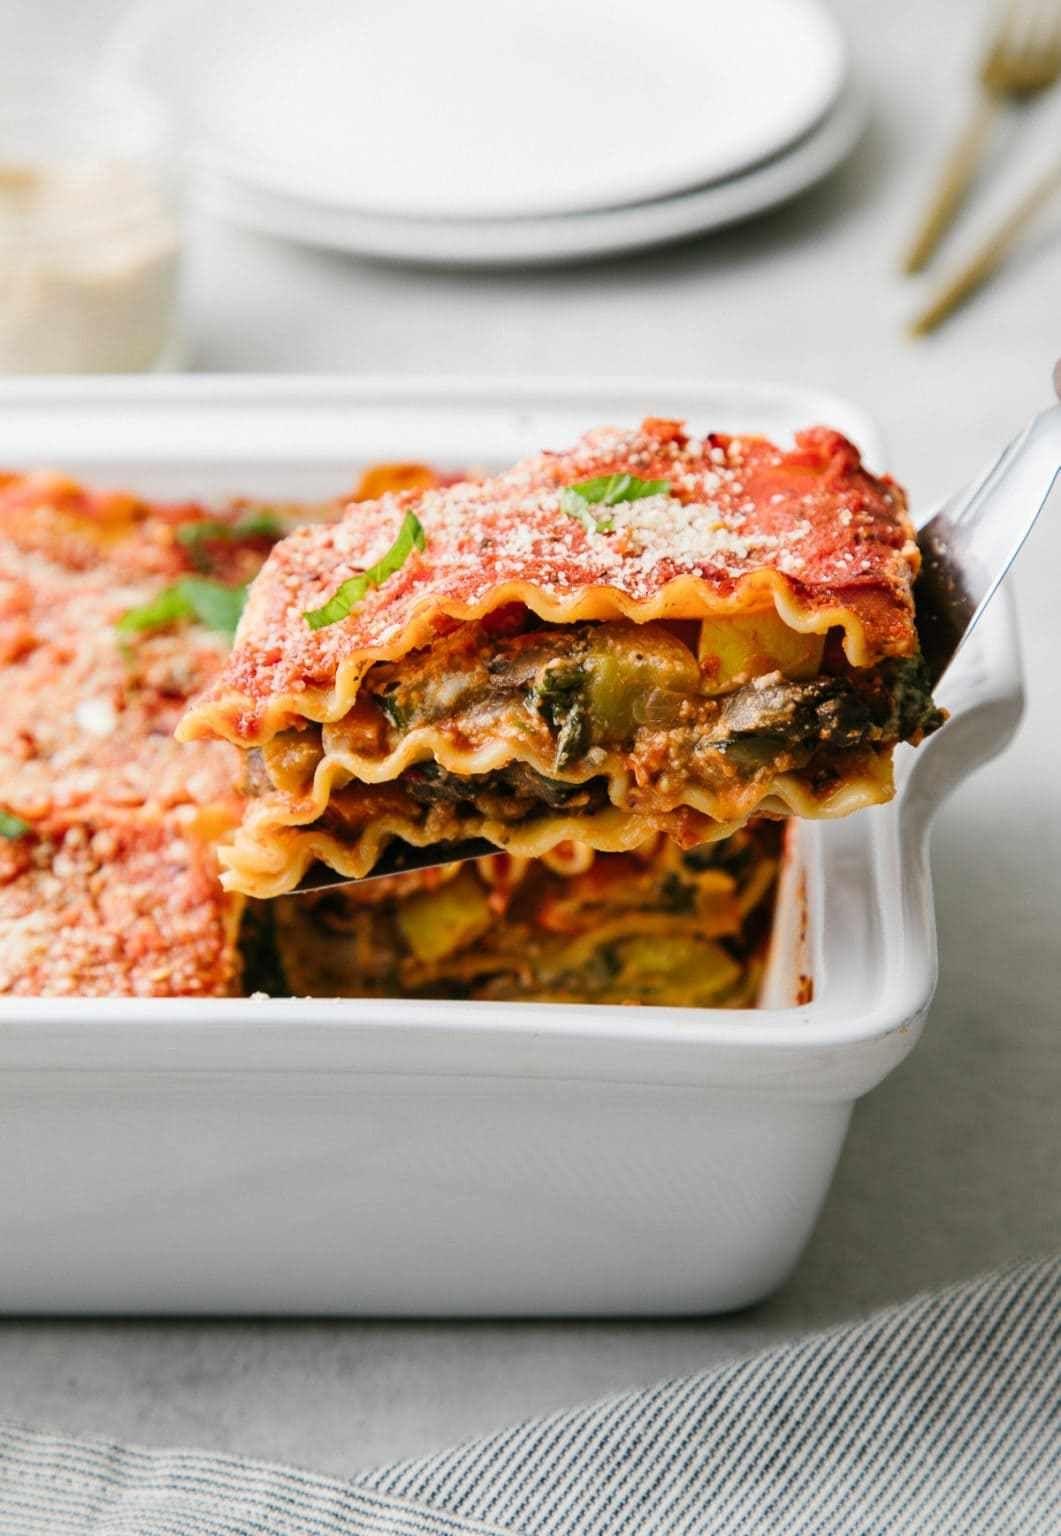 The Ultimate Vegetable Vegan Lasagna The Simple Veganista In 2020 Vegan Lasagna Recipe Easy Lasagna Recipe Vegetable Lasagna Recipes